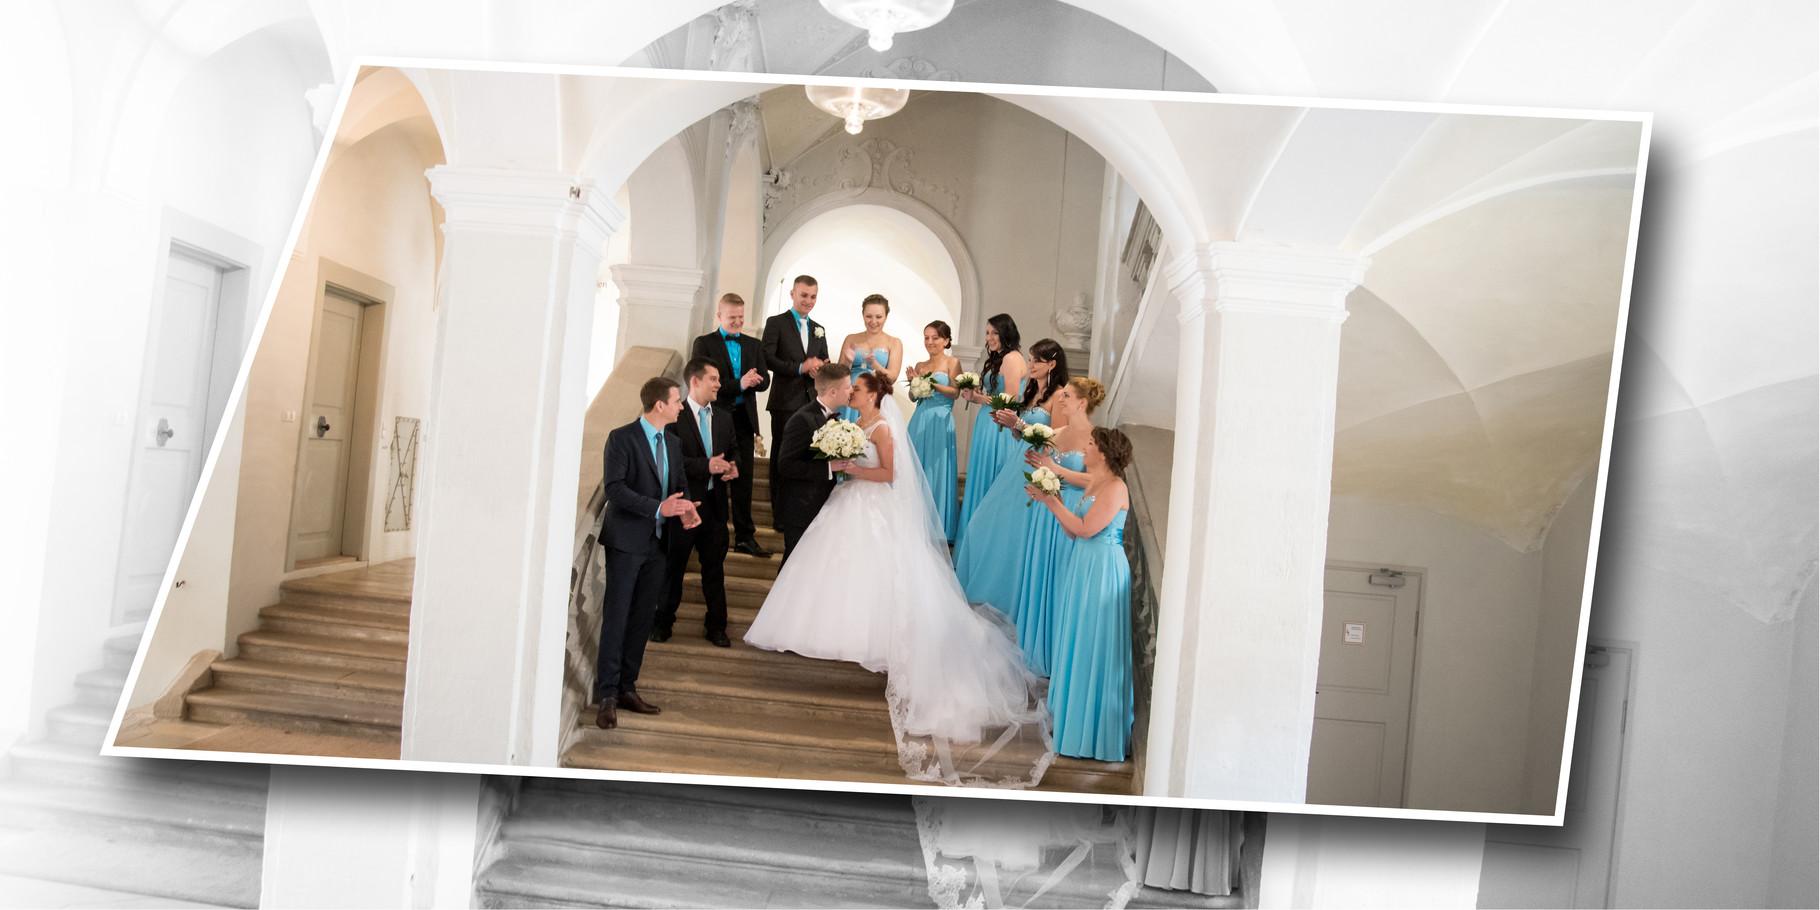 Suche Fotograf für Hochzeit in Ansbach